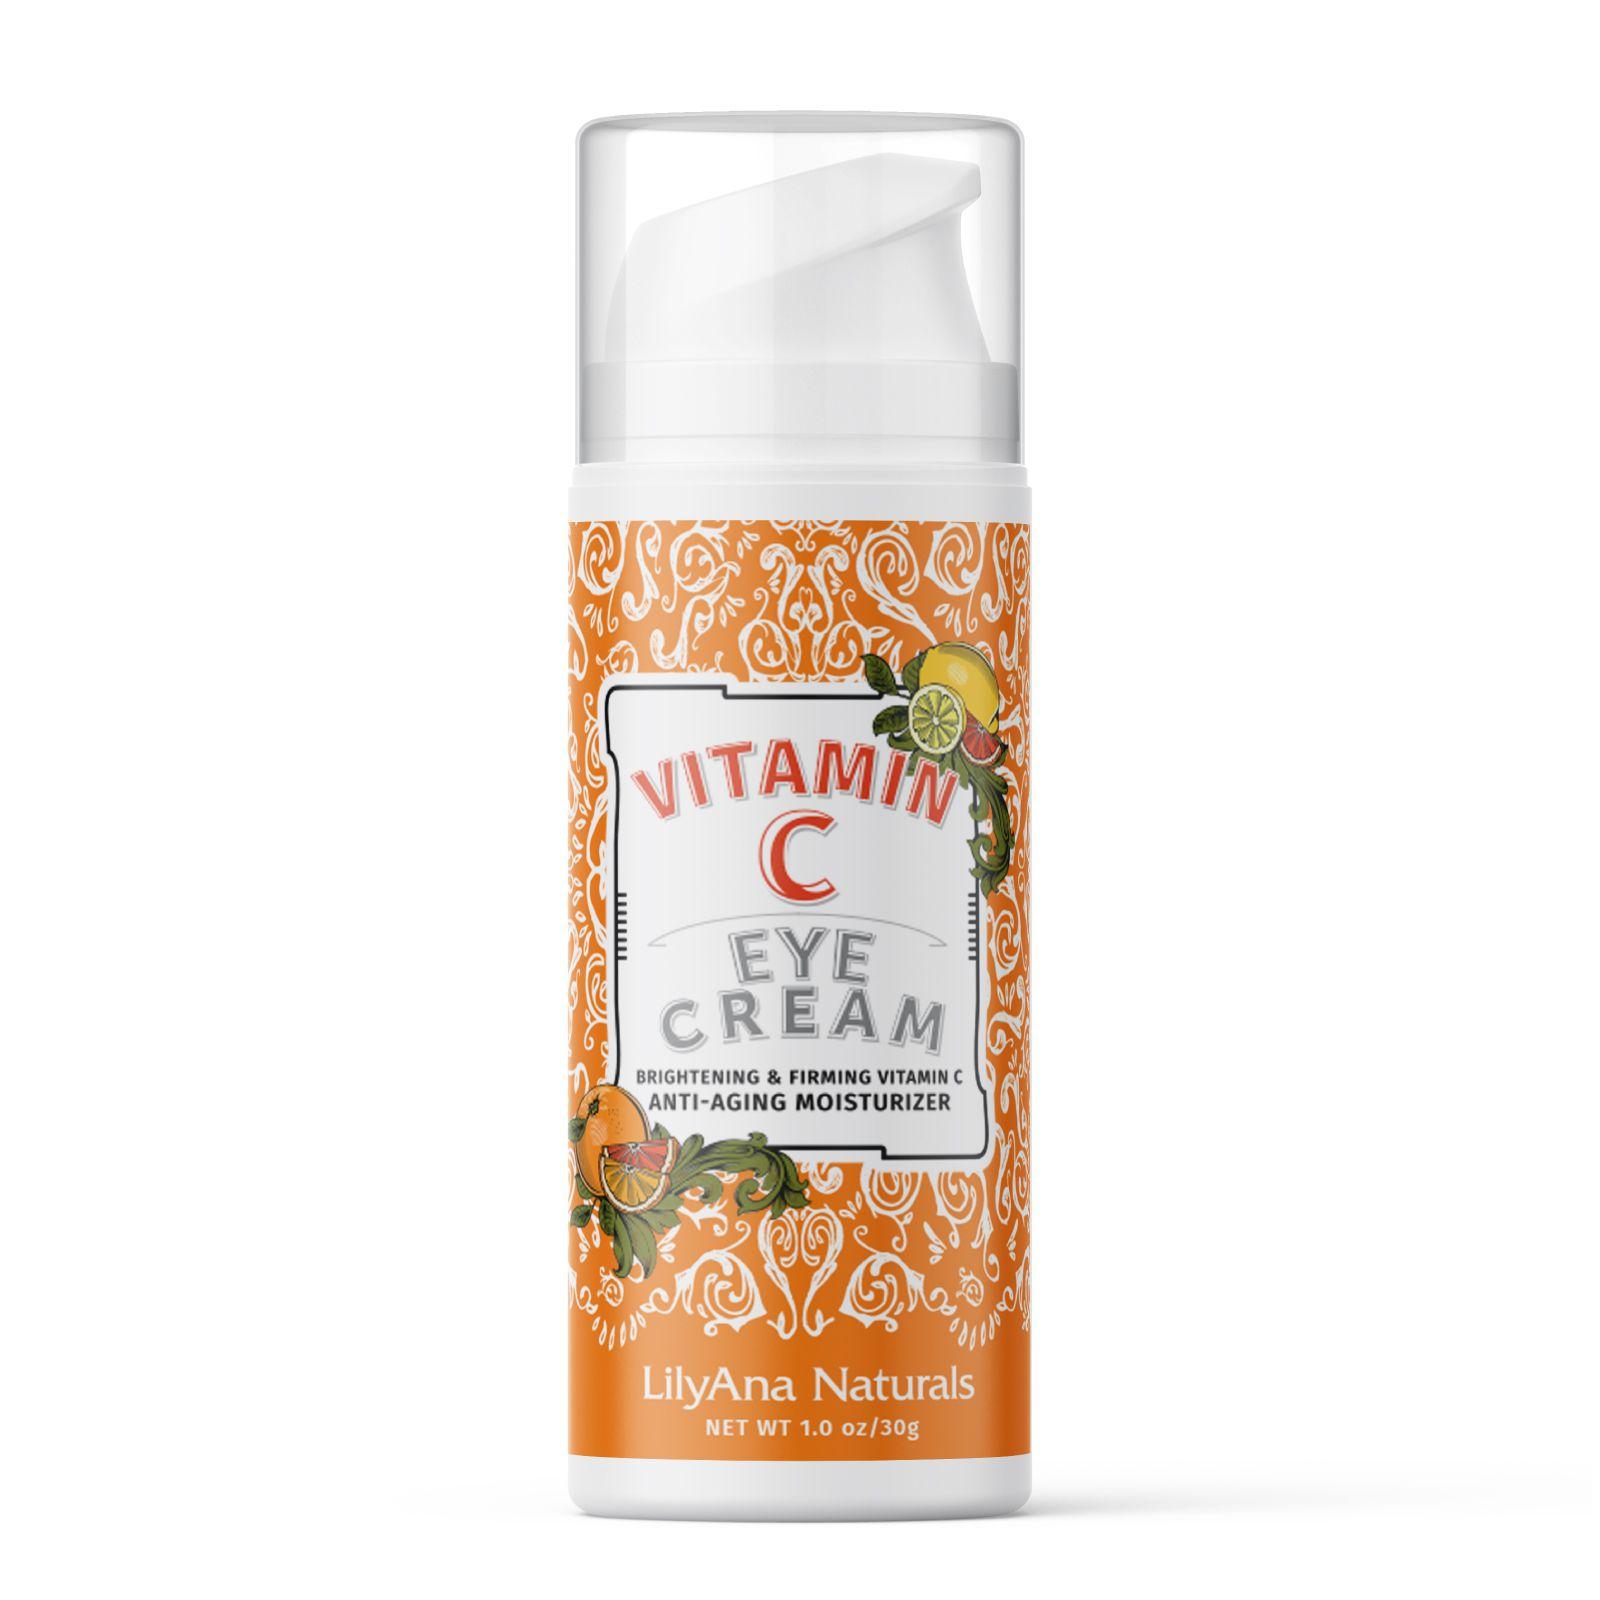 LilyAna Naturals Vitamin C Eye Cream